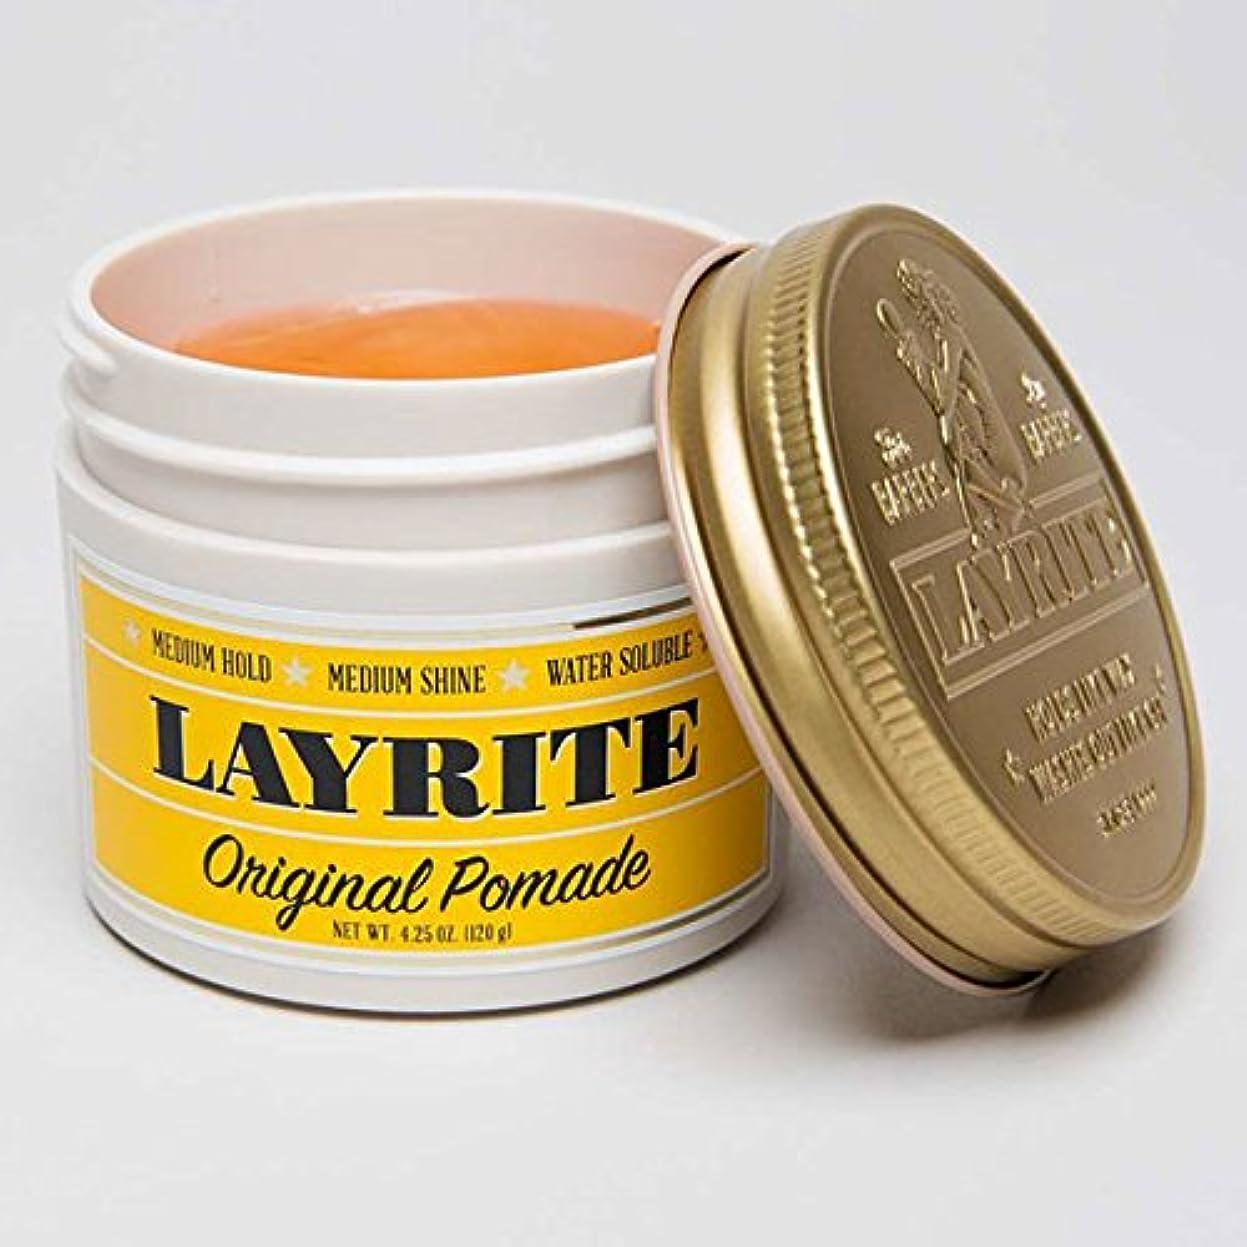 色合い称賛閃光LAYRITE レイライト 【Original Pomade】 水性ポマード オリジナルホールド 4.25OZ(約120G)